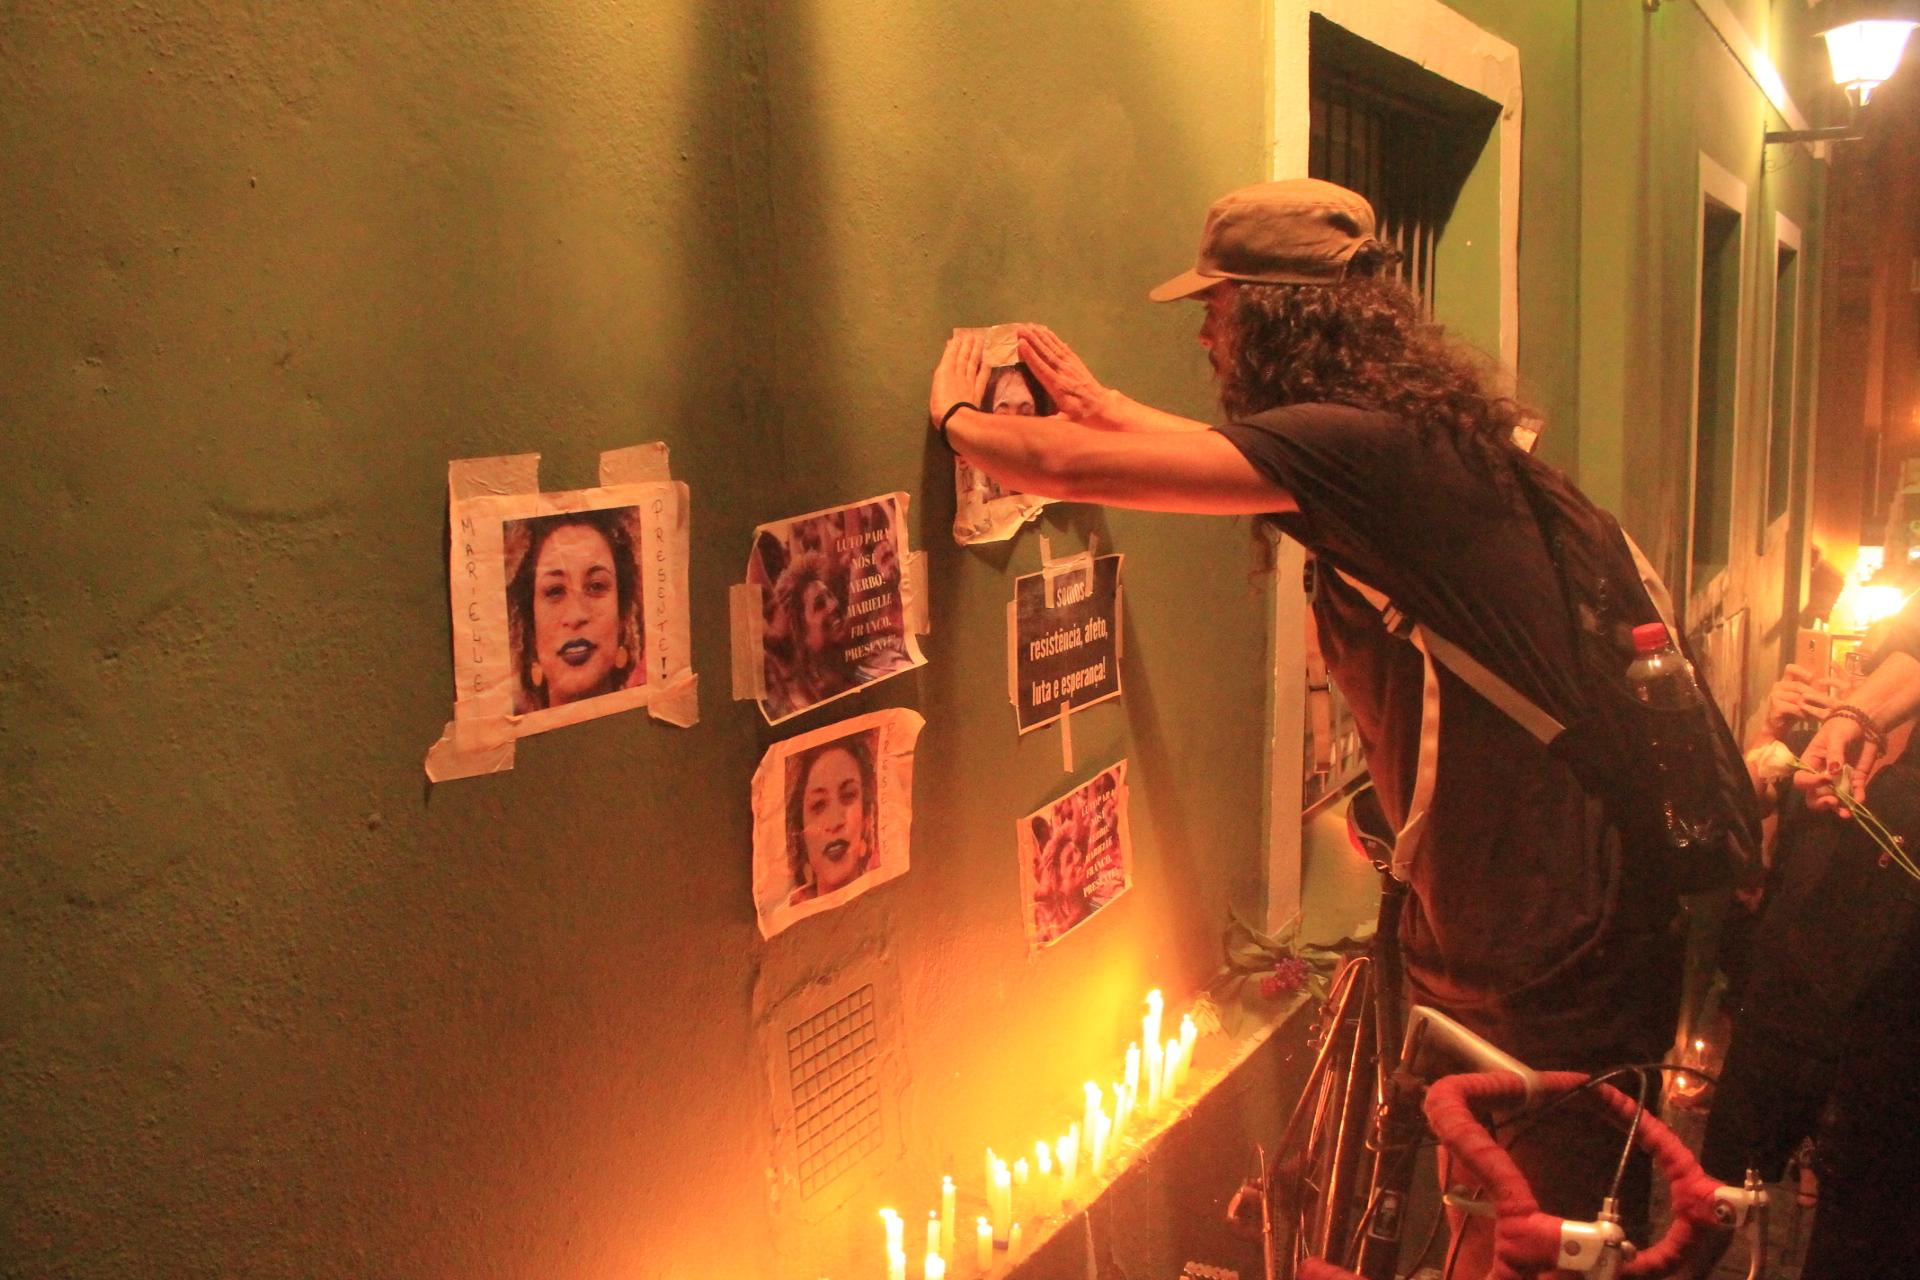 Os protestantes colaram cartazes nas paredes dos prédios ao lado da escadaria da Igreja Nossa Senhora dos Homens Pretos, e acenderam velas para homenagear Marielle Franco. Foto: Fernando Lisboa.